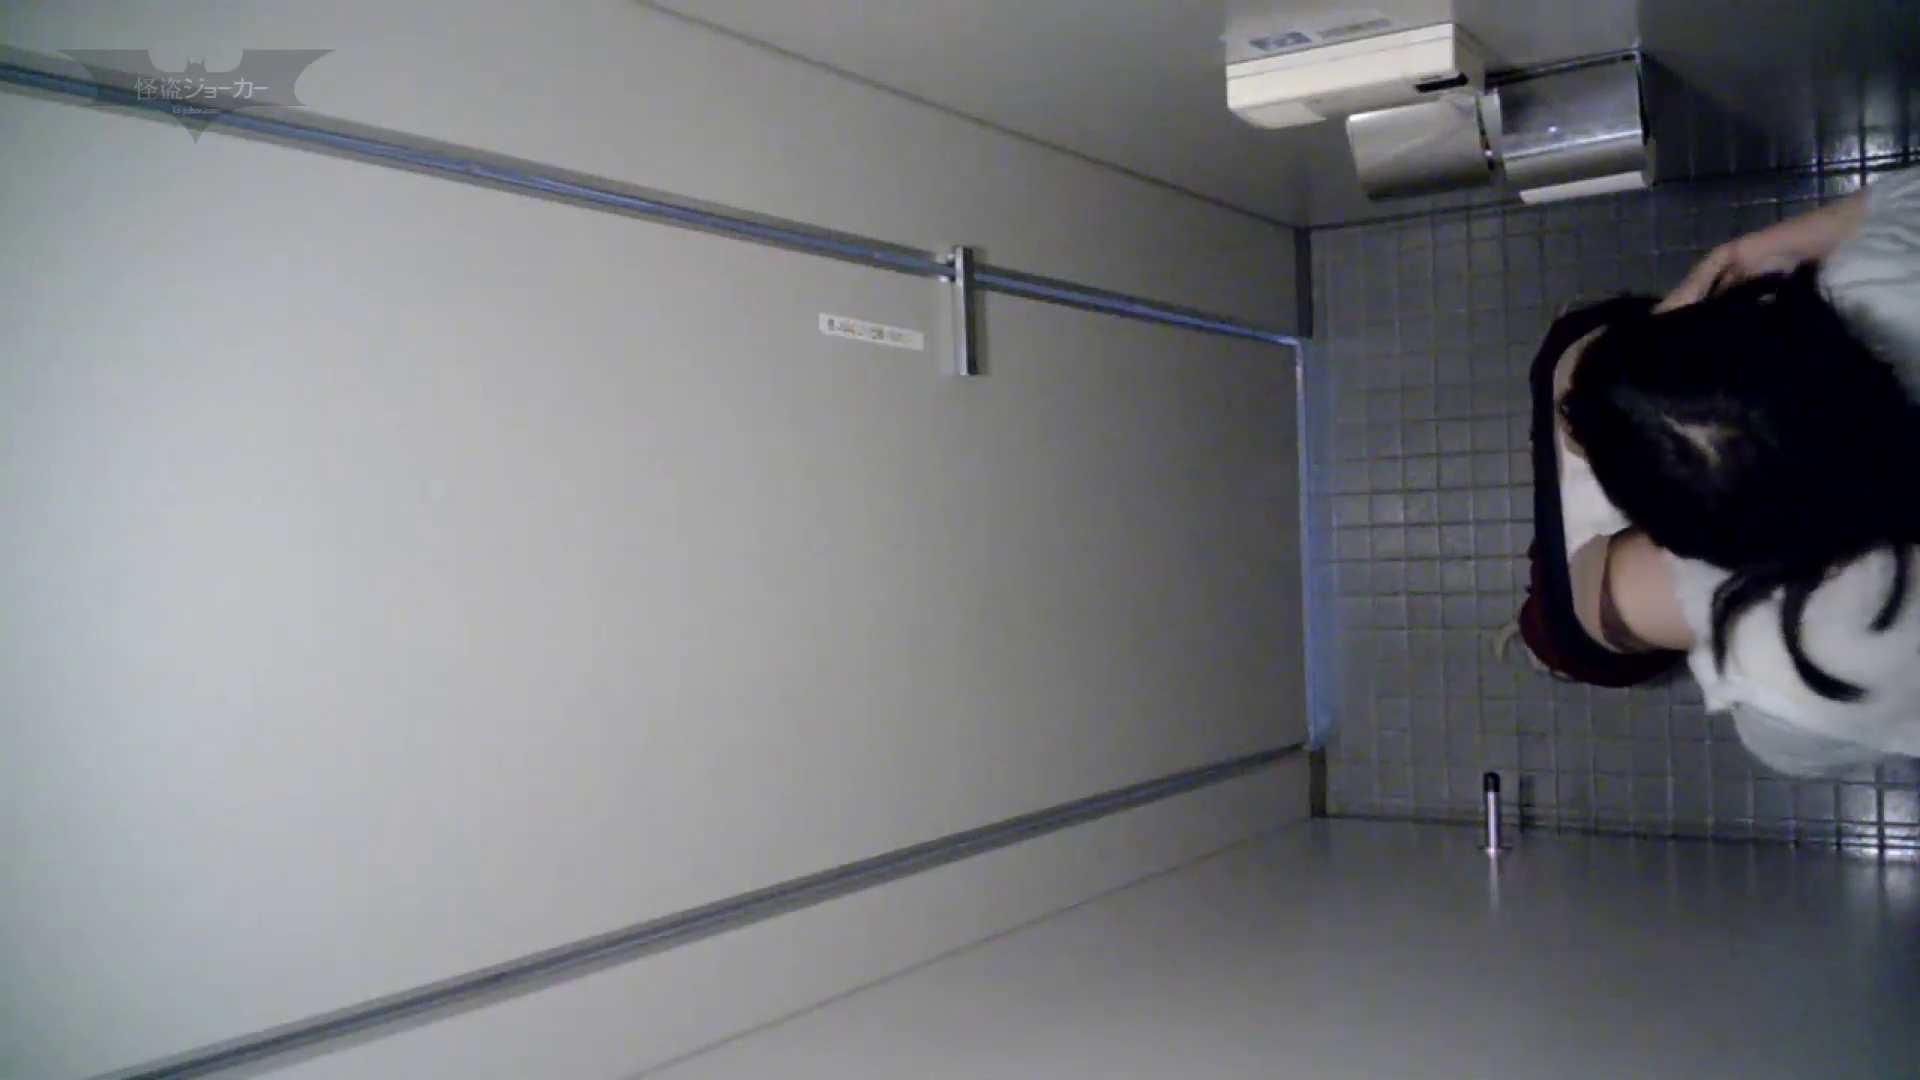 無修正ヌード 有名大学女性洗面所 vol.55 シャワー付きトイレならぬカメラ付きトイレです。 怪盗ジョーカー